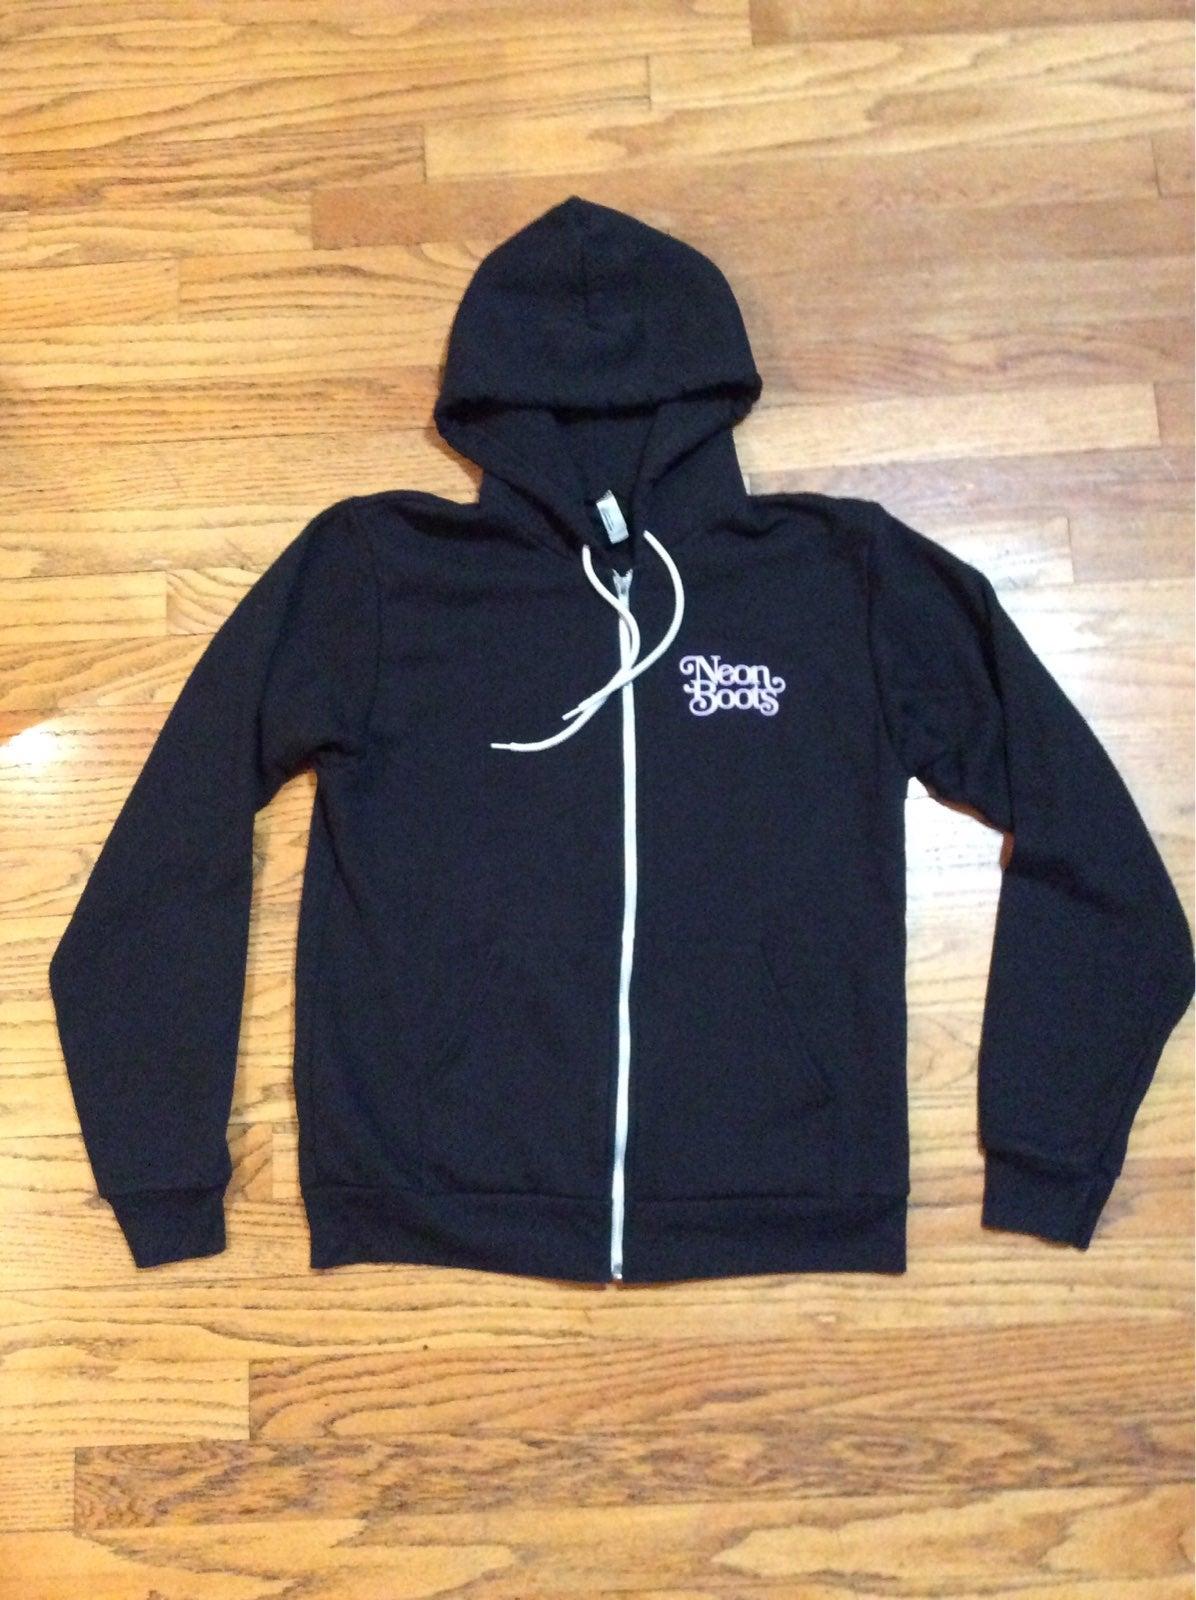 Neon Boots Hooded Full Zip Sweatshirt